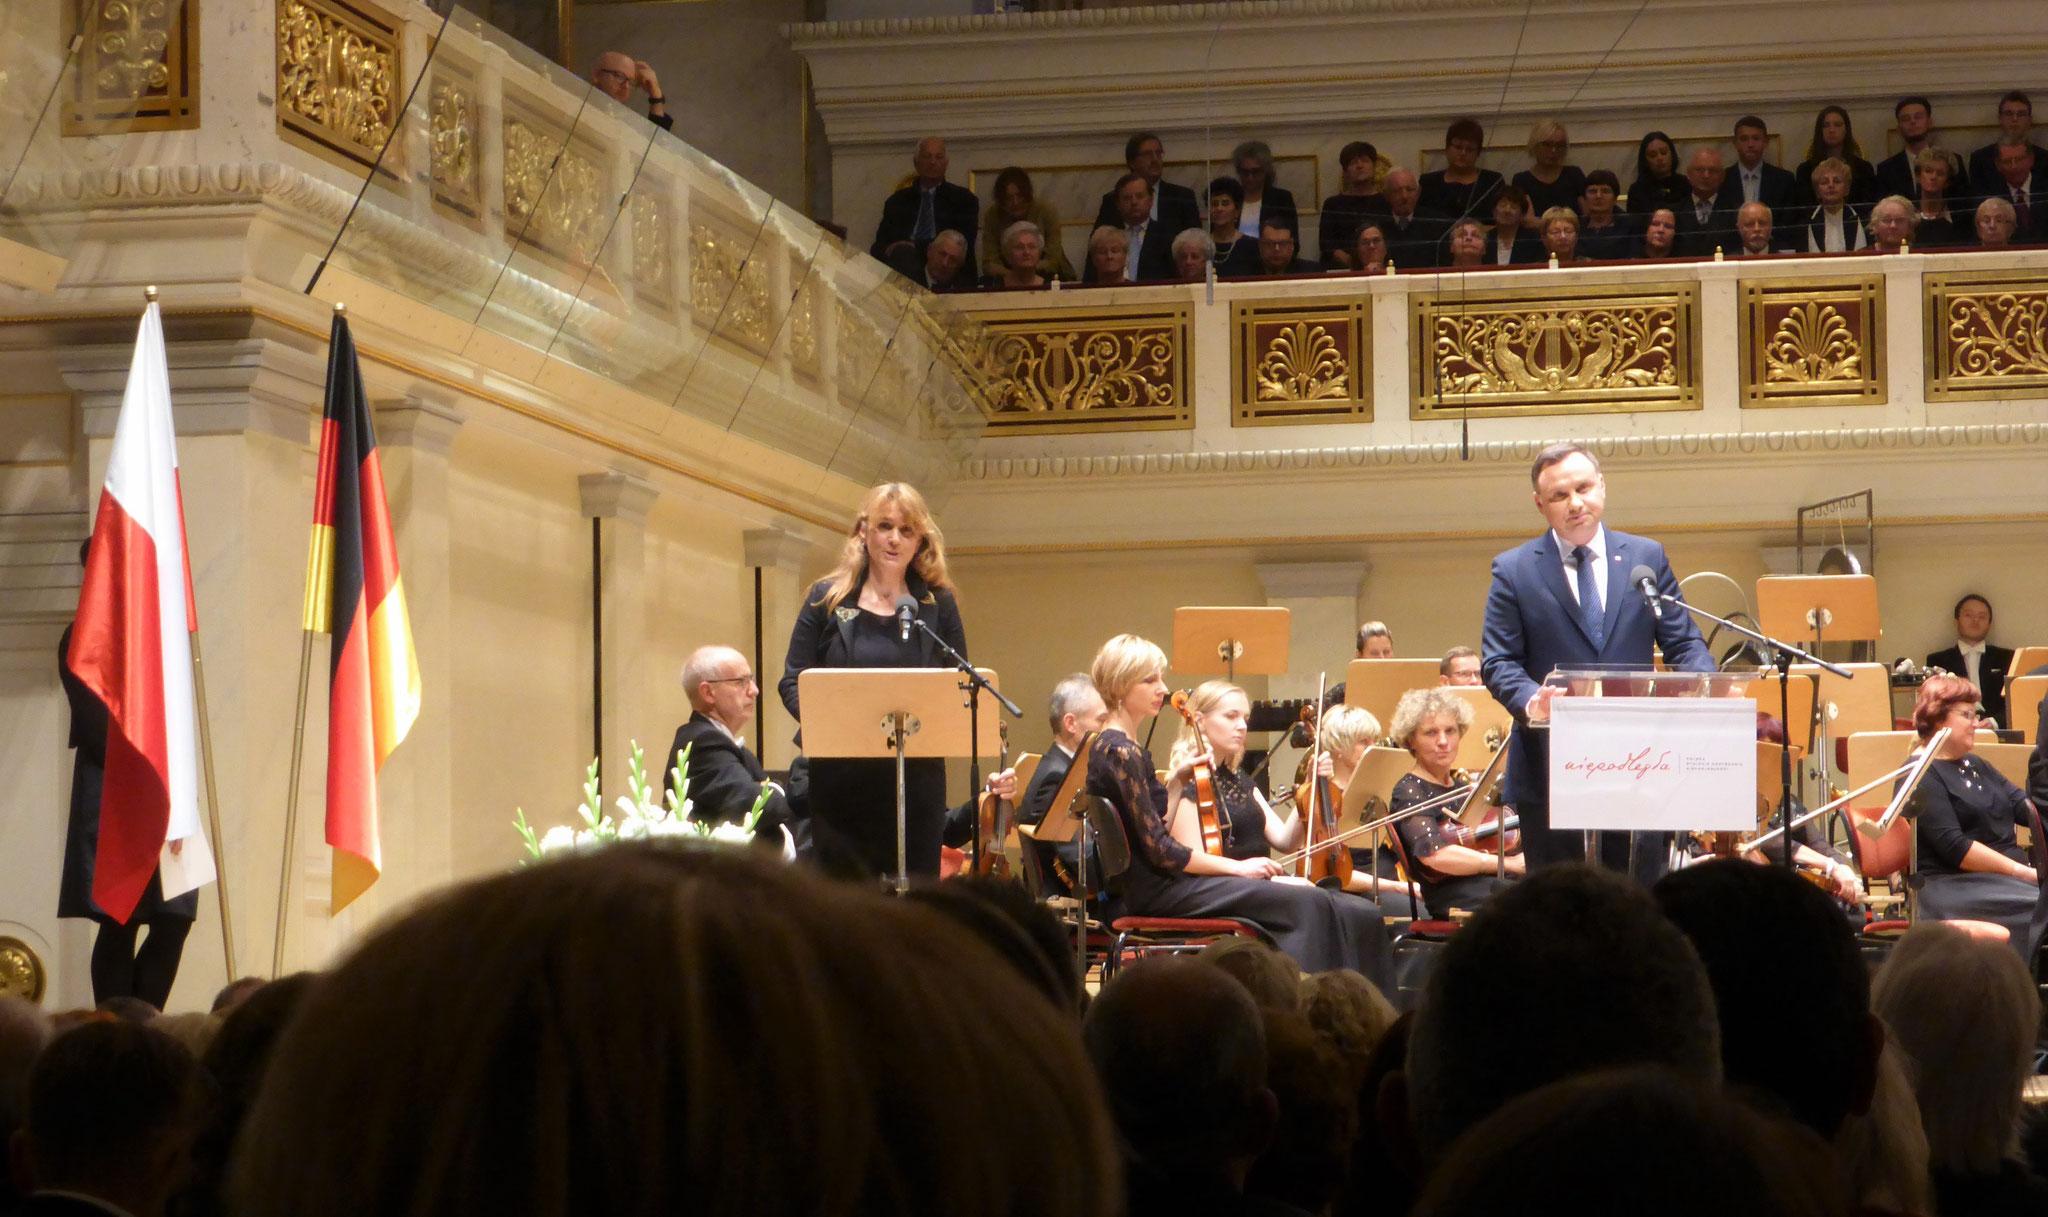 Ansprache Staatspräsident A. Duda beim Festkonzert im Konzerthaus am Gendarmenmarkt